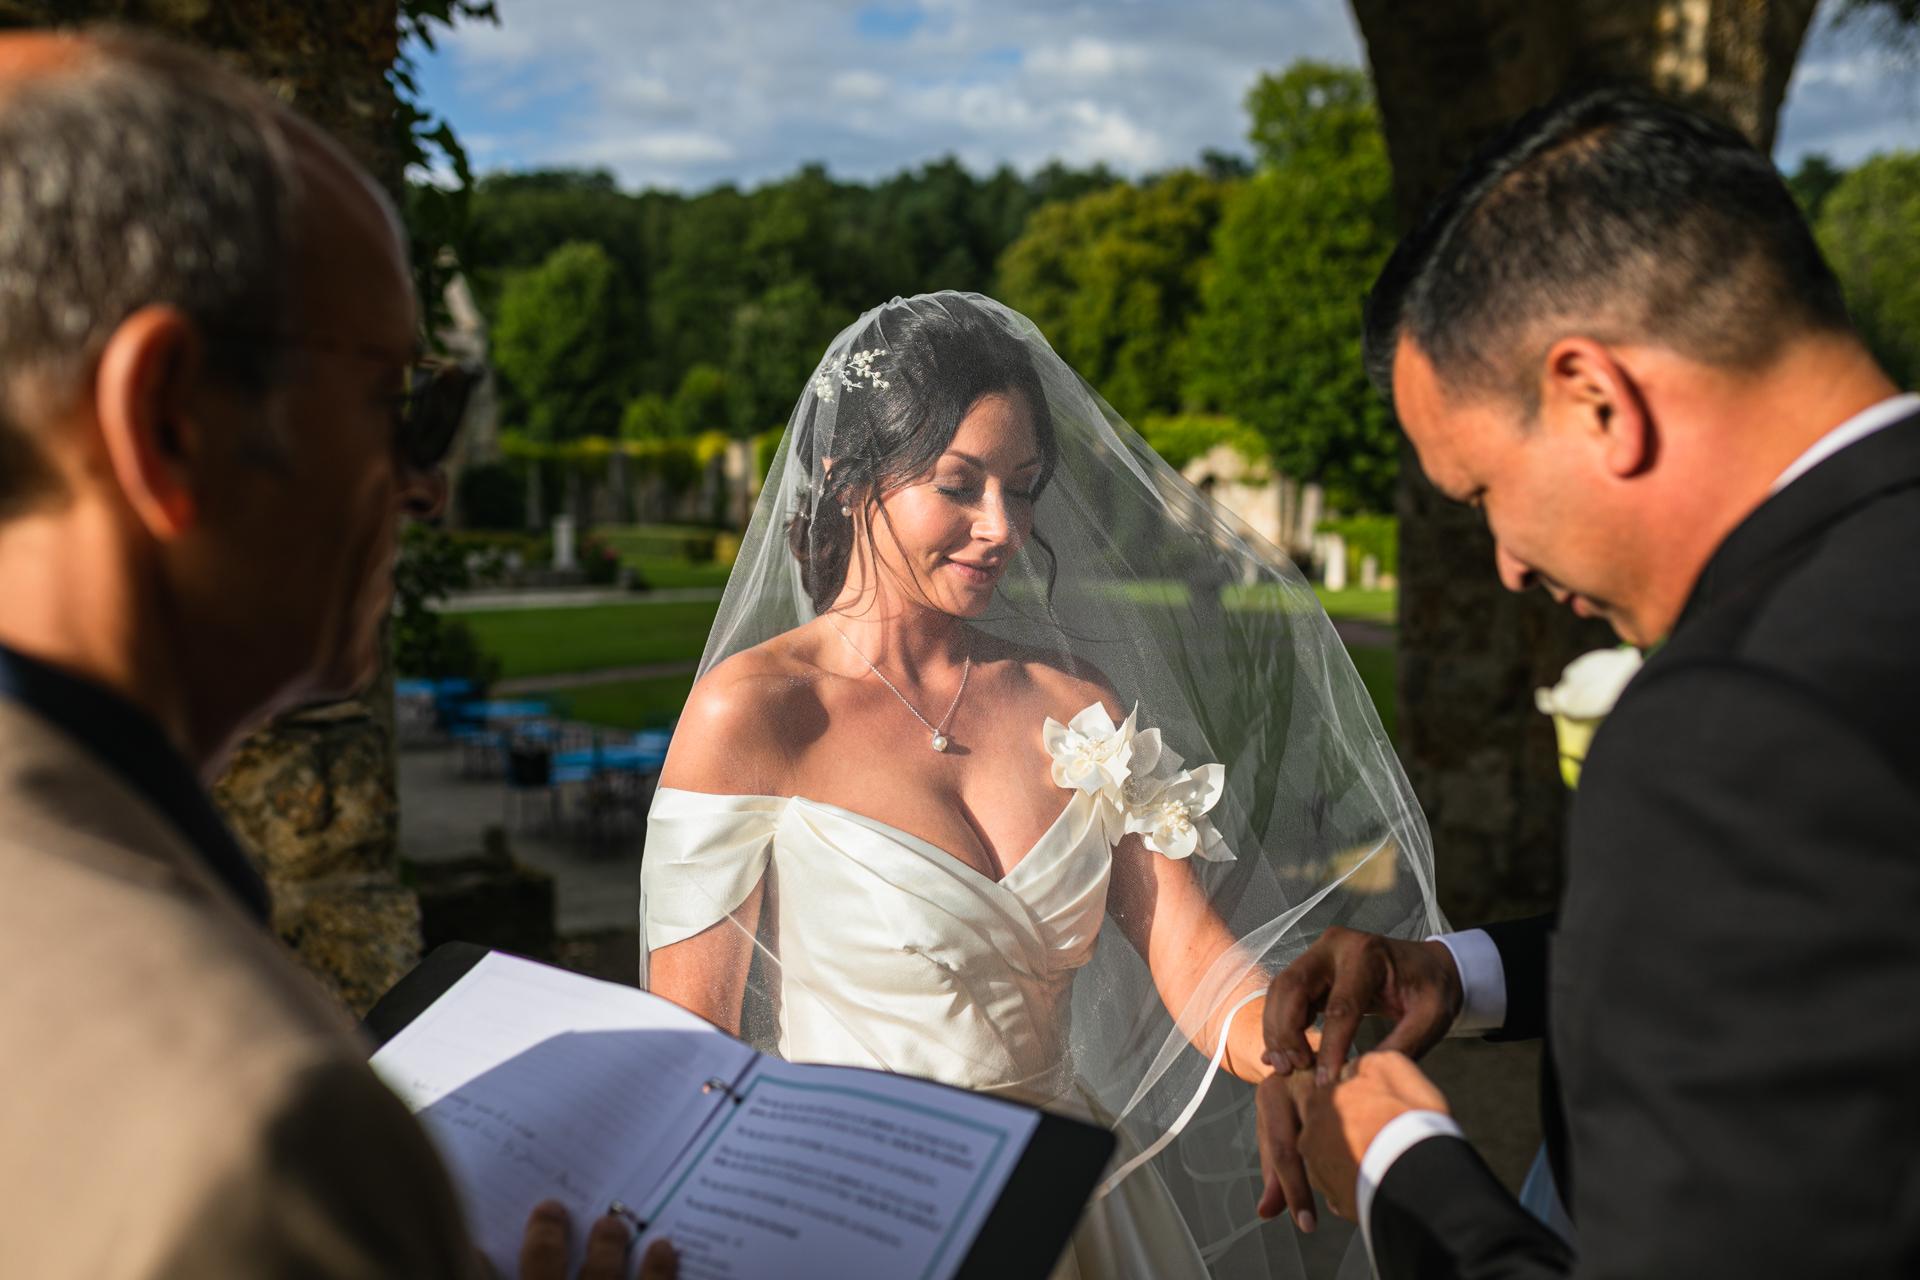 Frankreich Outdoor Elopement Bild | Der Bräutigam kann ihr seinen Ehering geben.